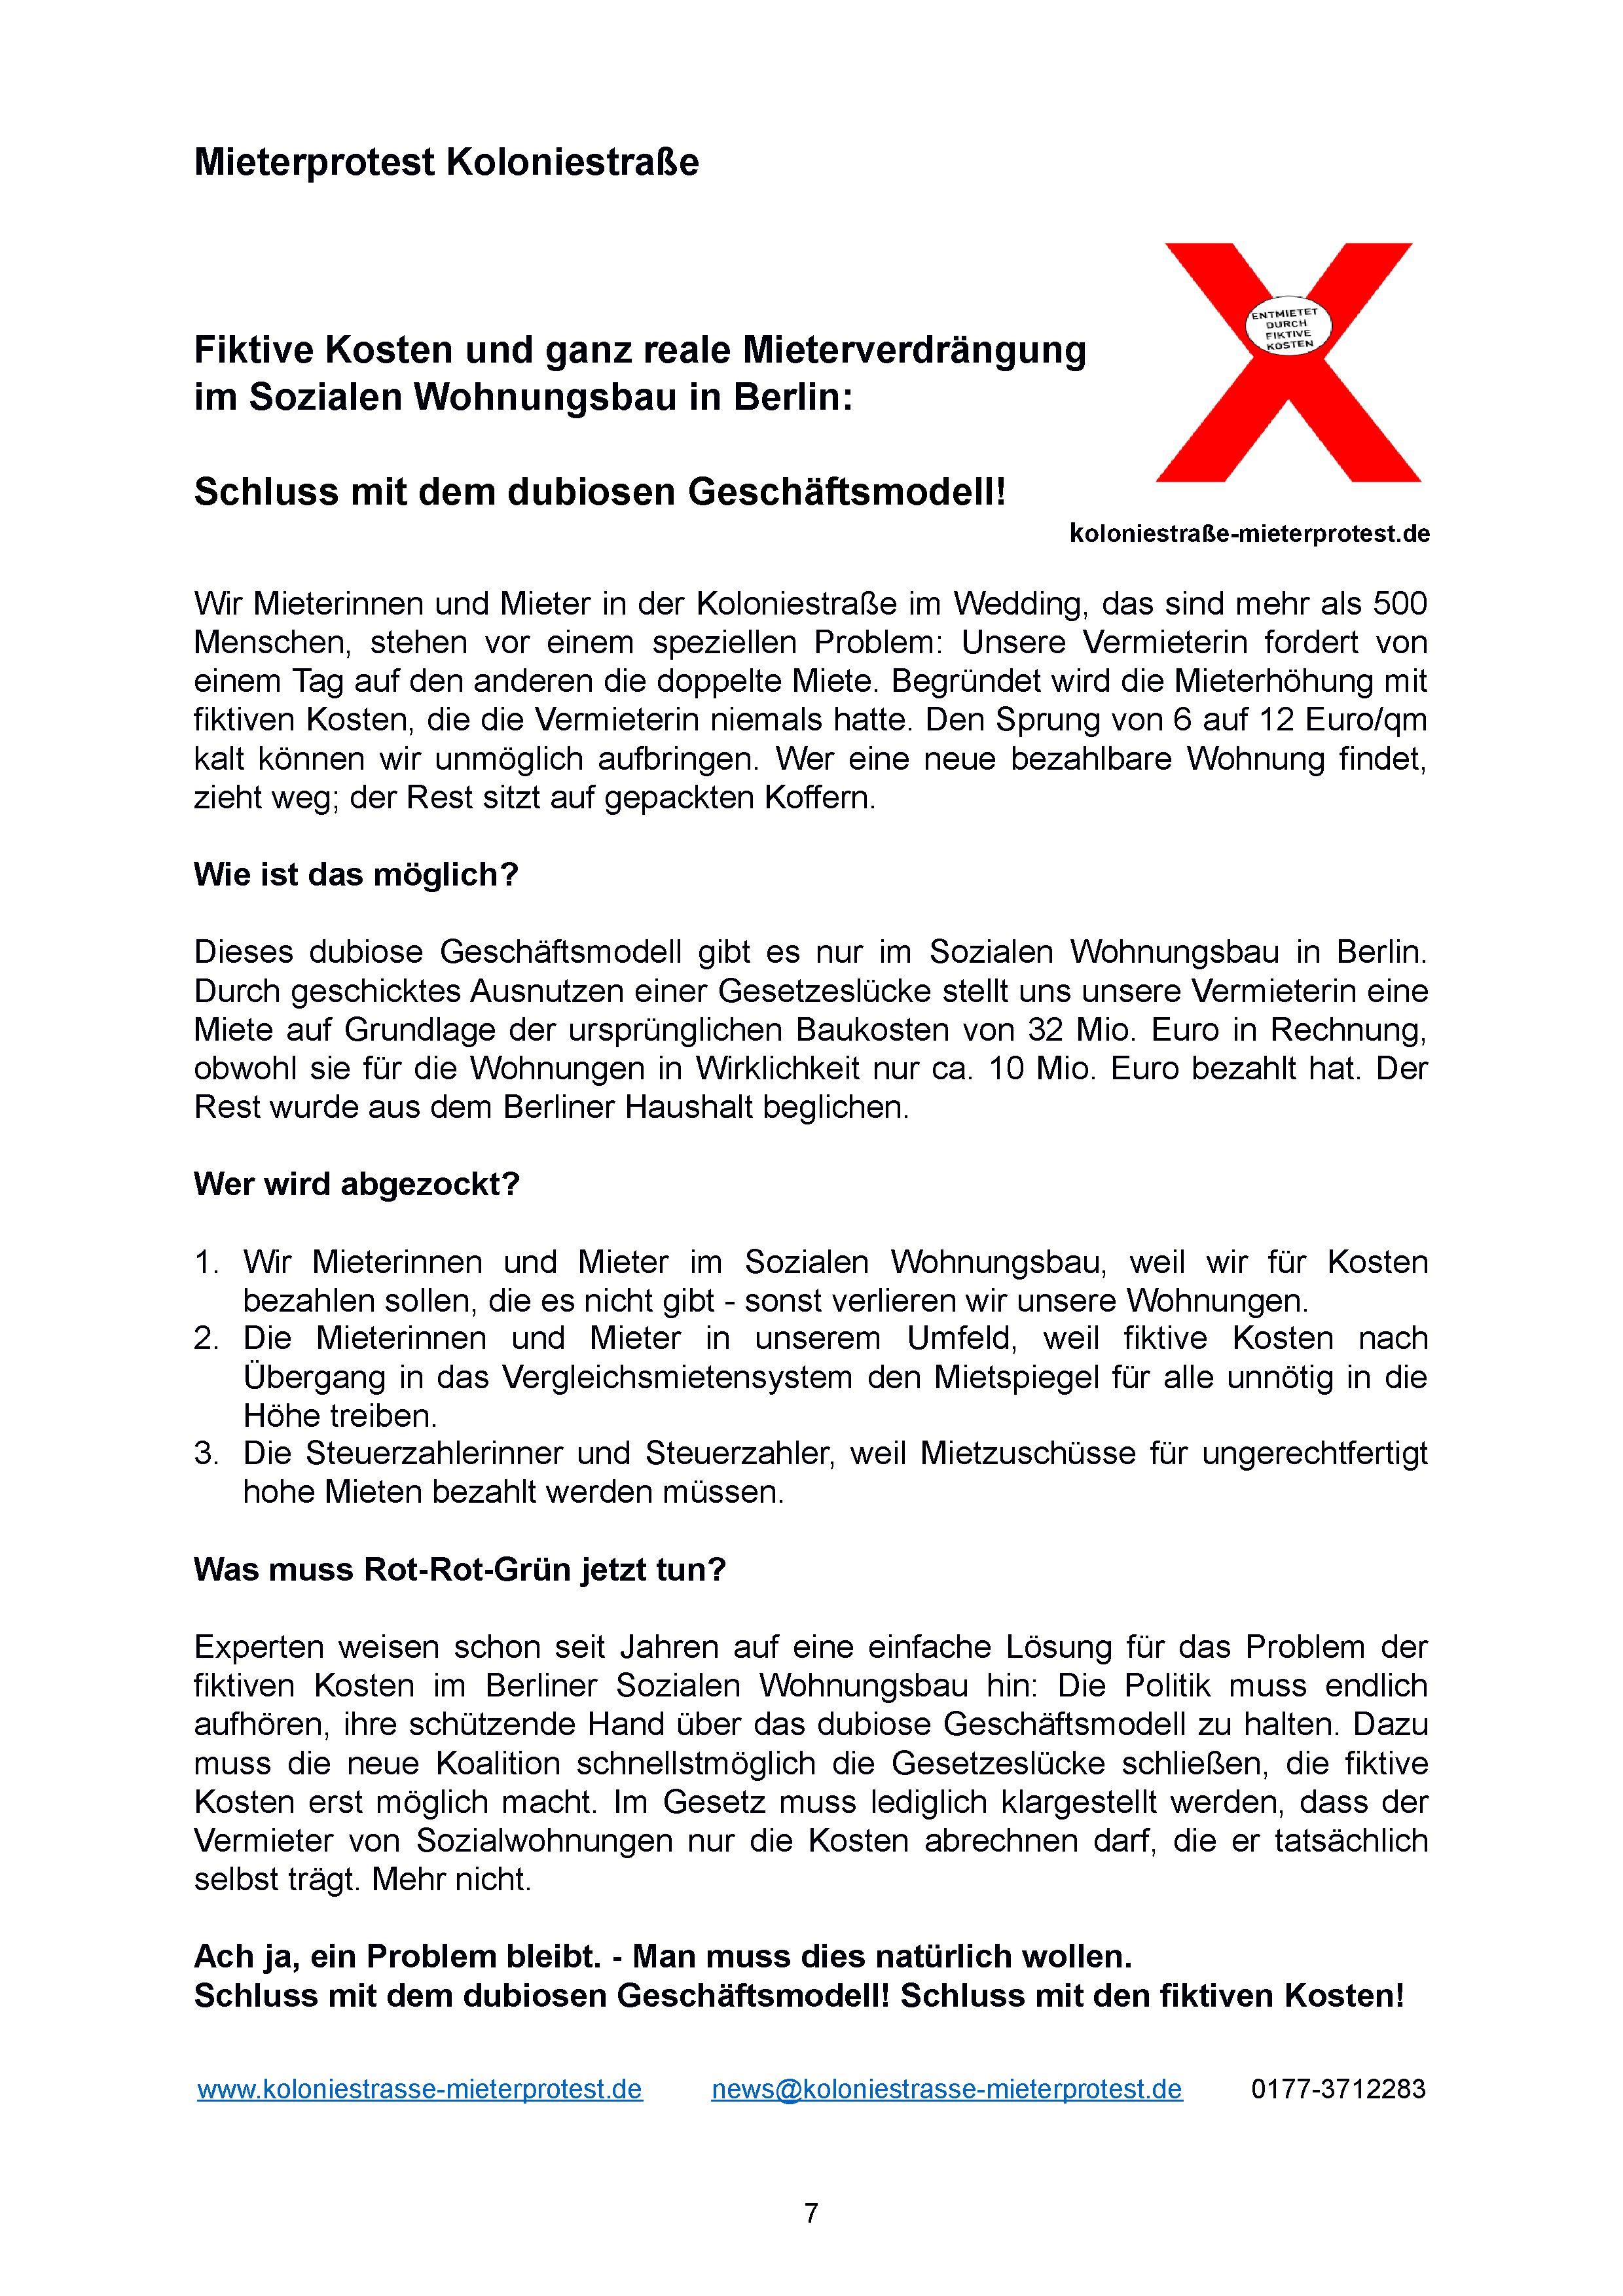 stadtpolitisches_hearing_021116_pressemappe1_seite_8